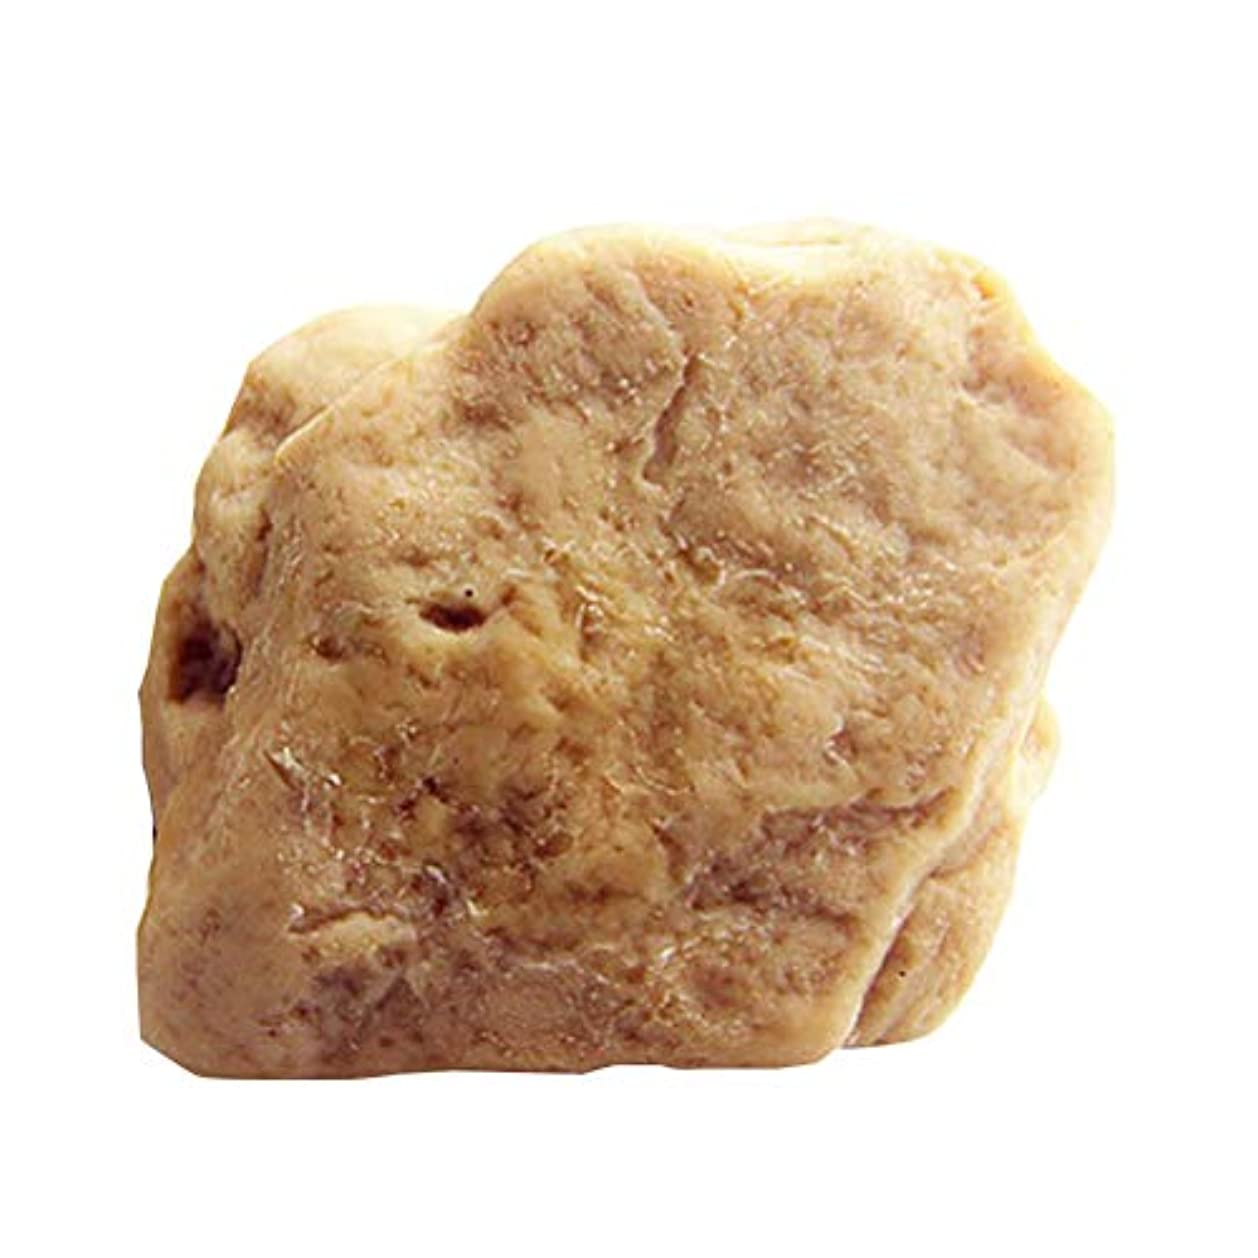 しつけ黒人協会Creacom オリーブオイル 石鹸 肌に優しい無添加 毛穴 対策 洗顔石鹸 保湿 固形 毛穴 黒ずみ 肌荒れ くすみ ニキビ 美白 美肌 角質除去 肌荒れ 乾燥肌 オイル肌 混合肌 対策 全身可能